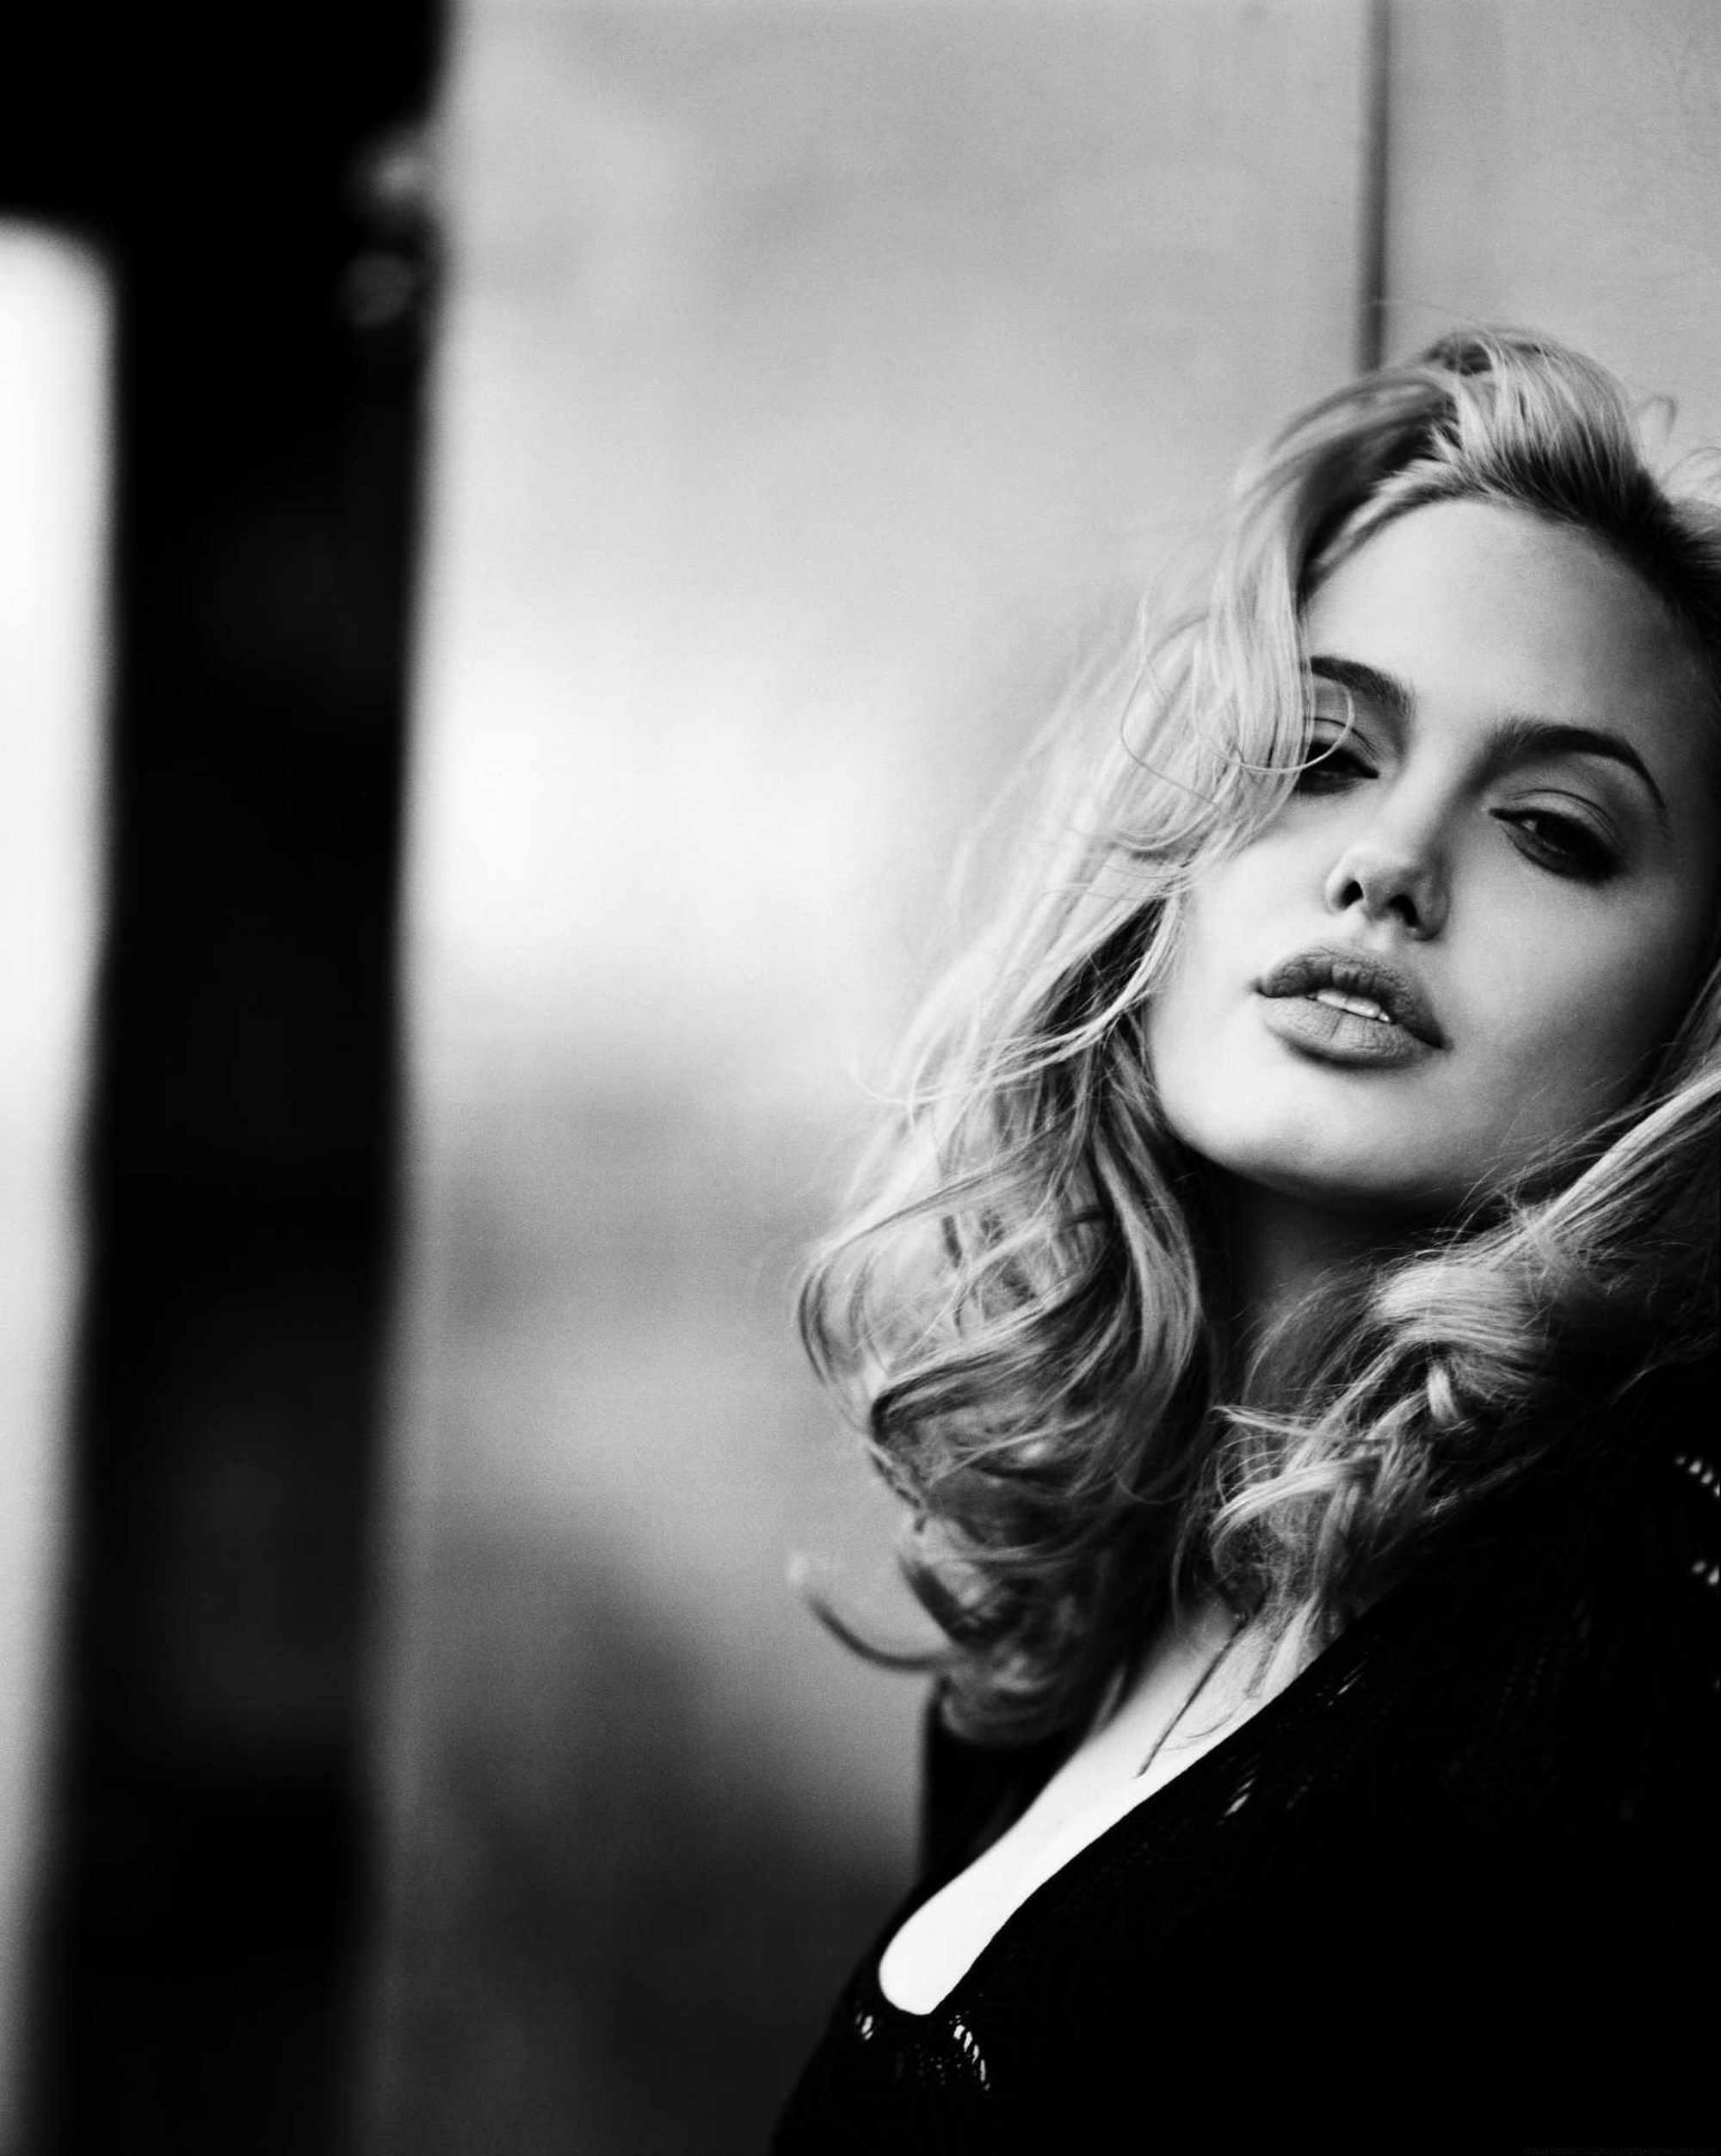 Чёрно белые фотографии блондинок 17 фотография